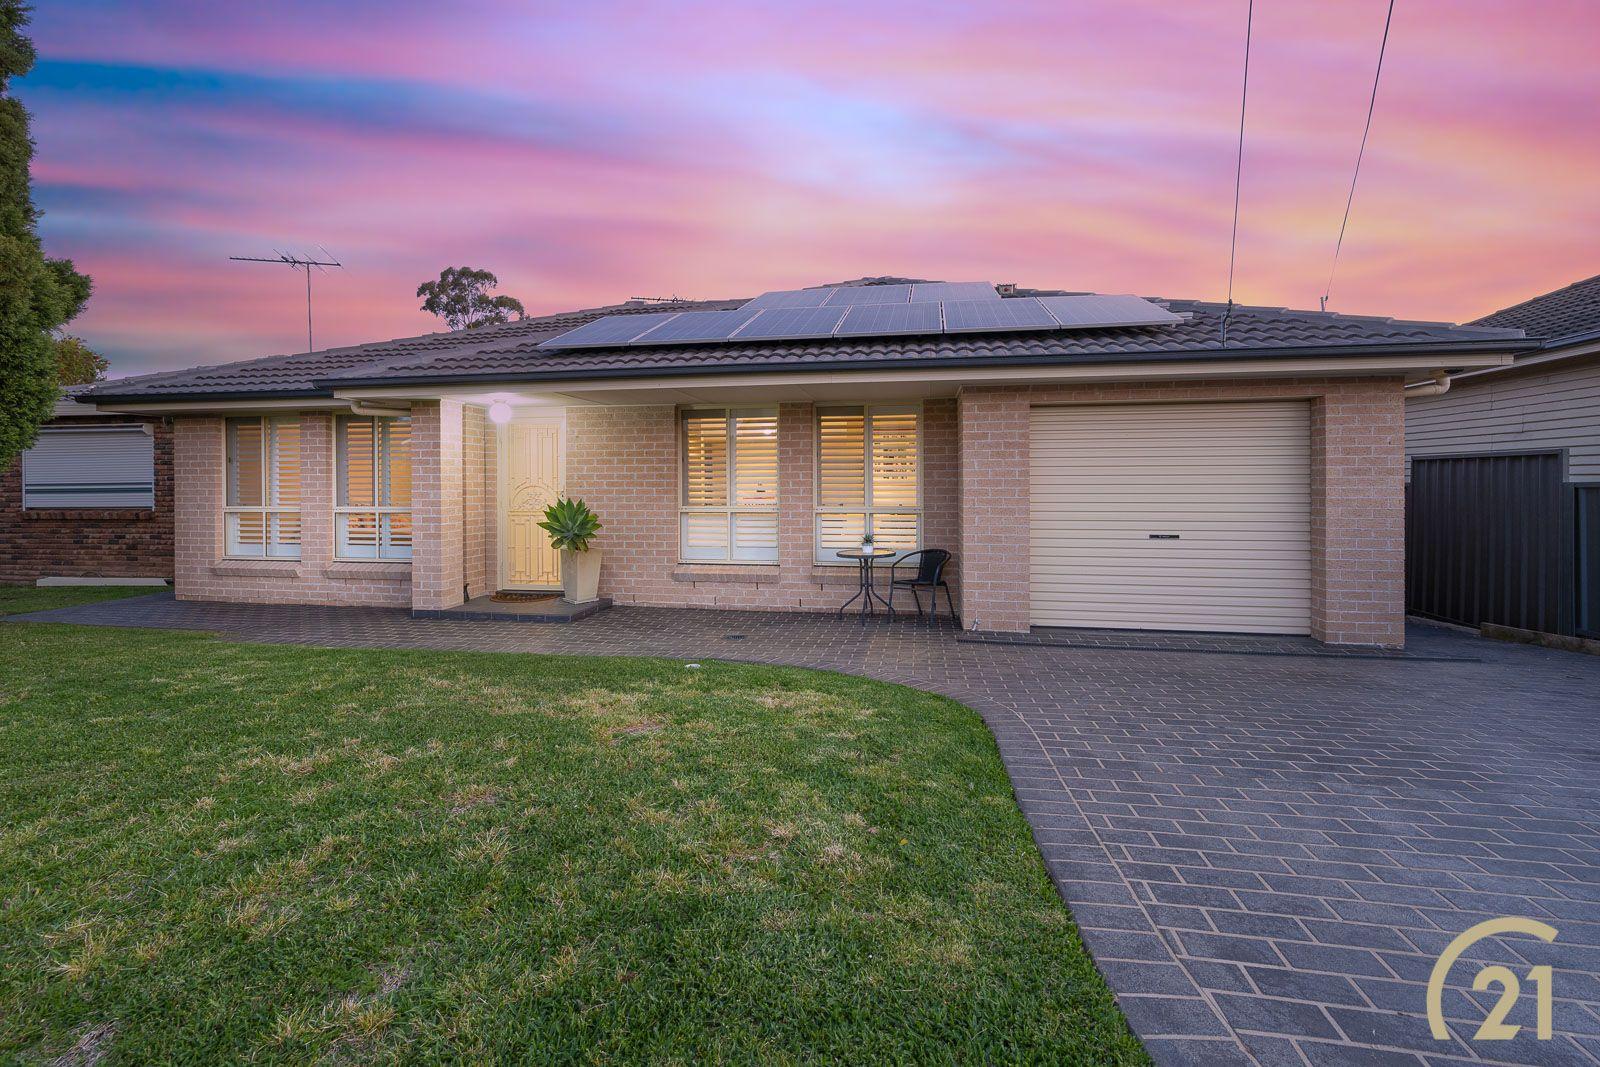 56 Warrumbungle Street, Fairfield West NSW 2165, Image 0